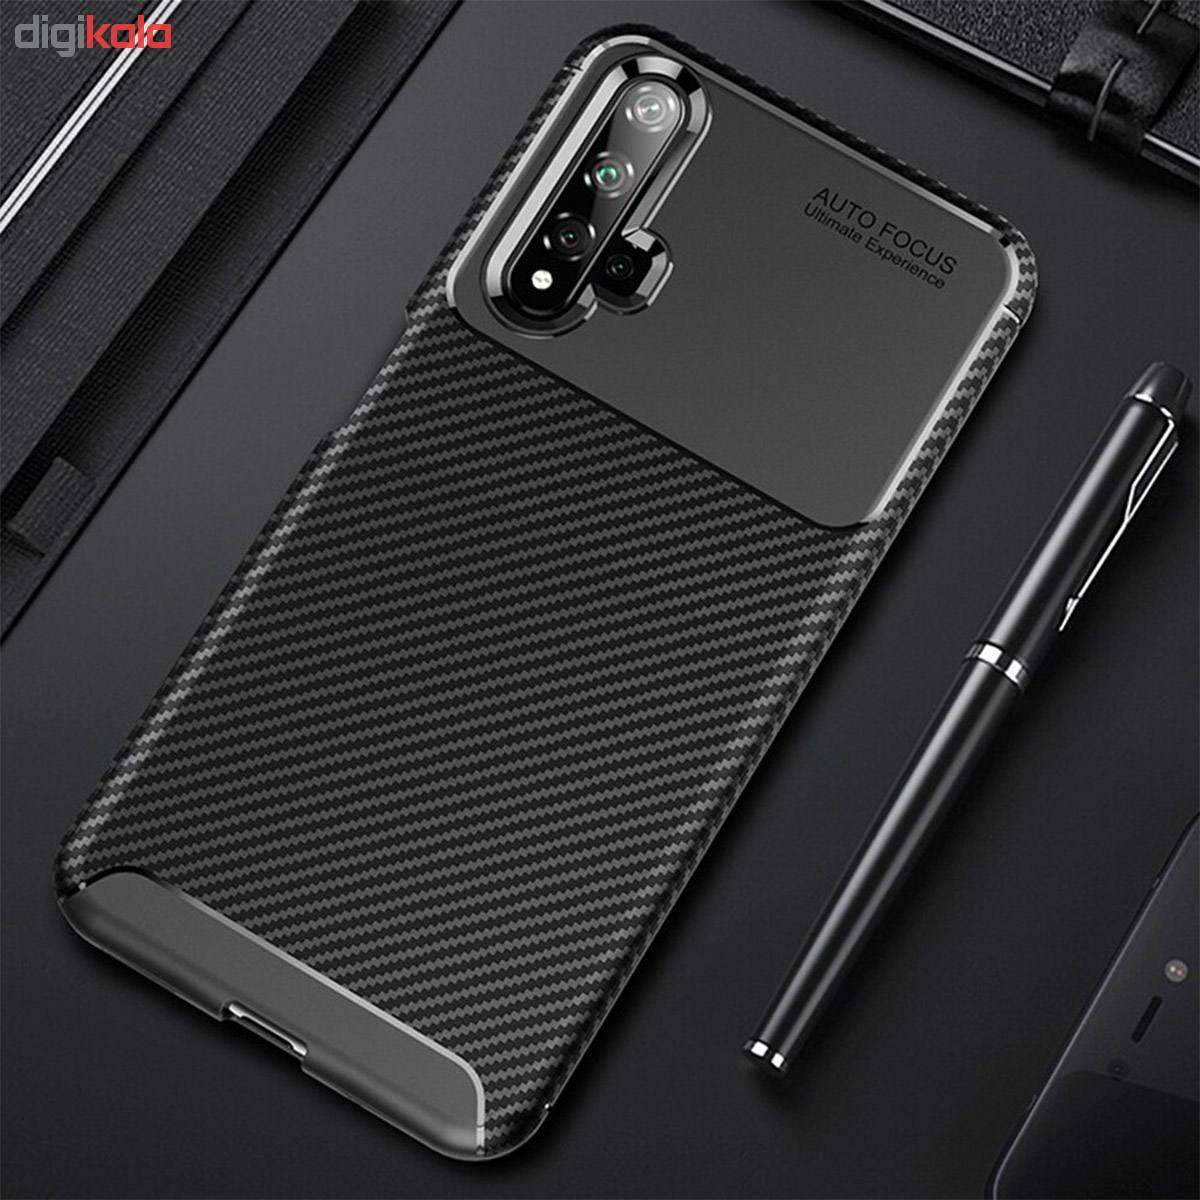 کاور لاین کینگ مدل A21 مناسب برای گوشی موبایل هوآوی Nova 5T thumb 2 20